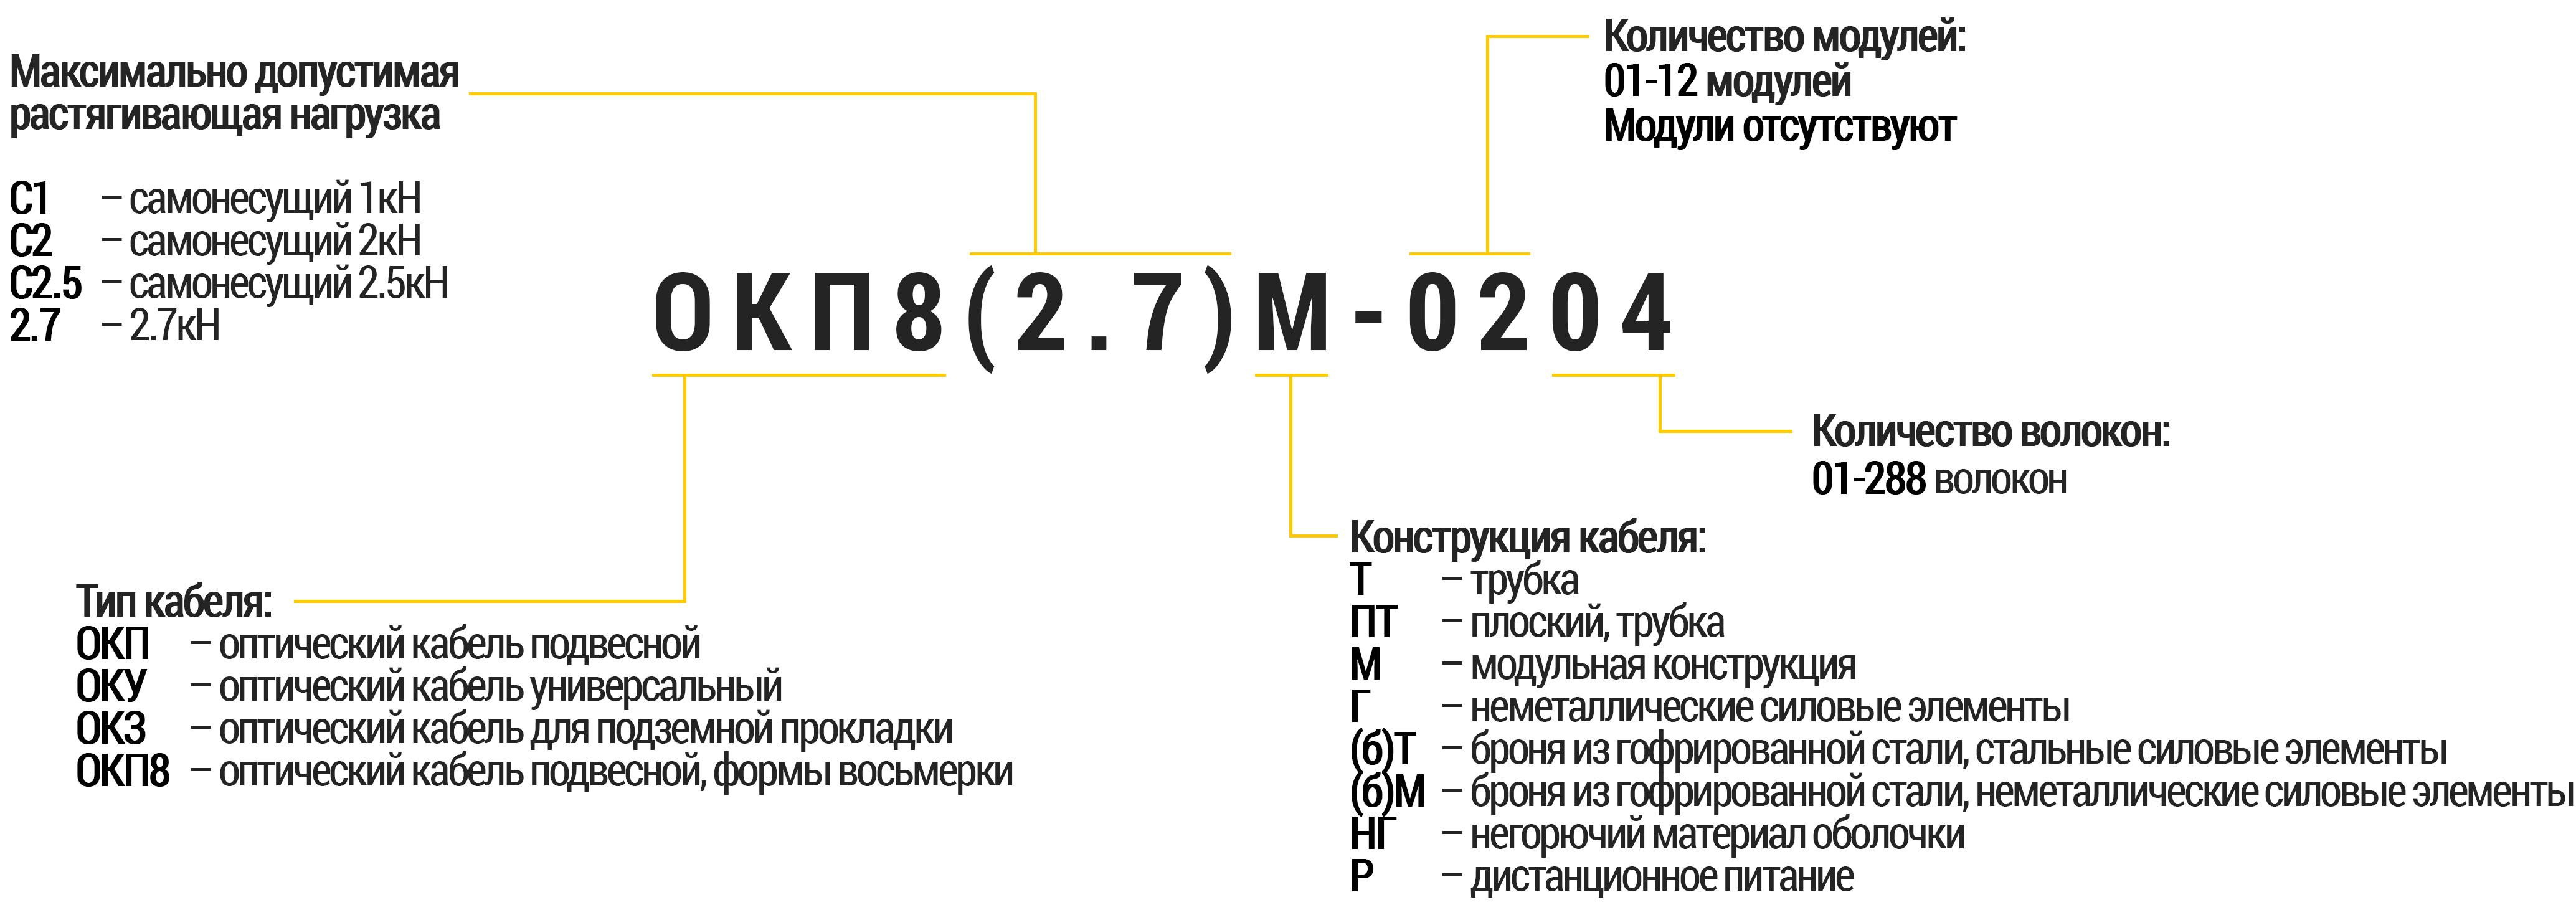 Кодирования маркирование типов оптических кабелей производства компании Ютекс Украина